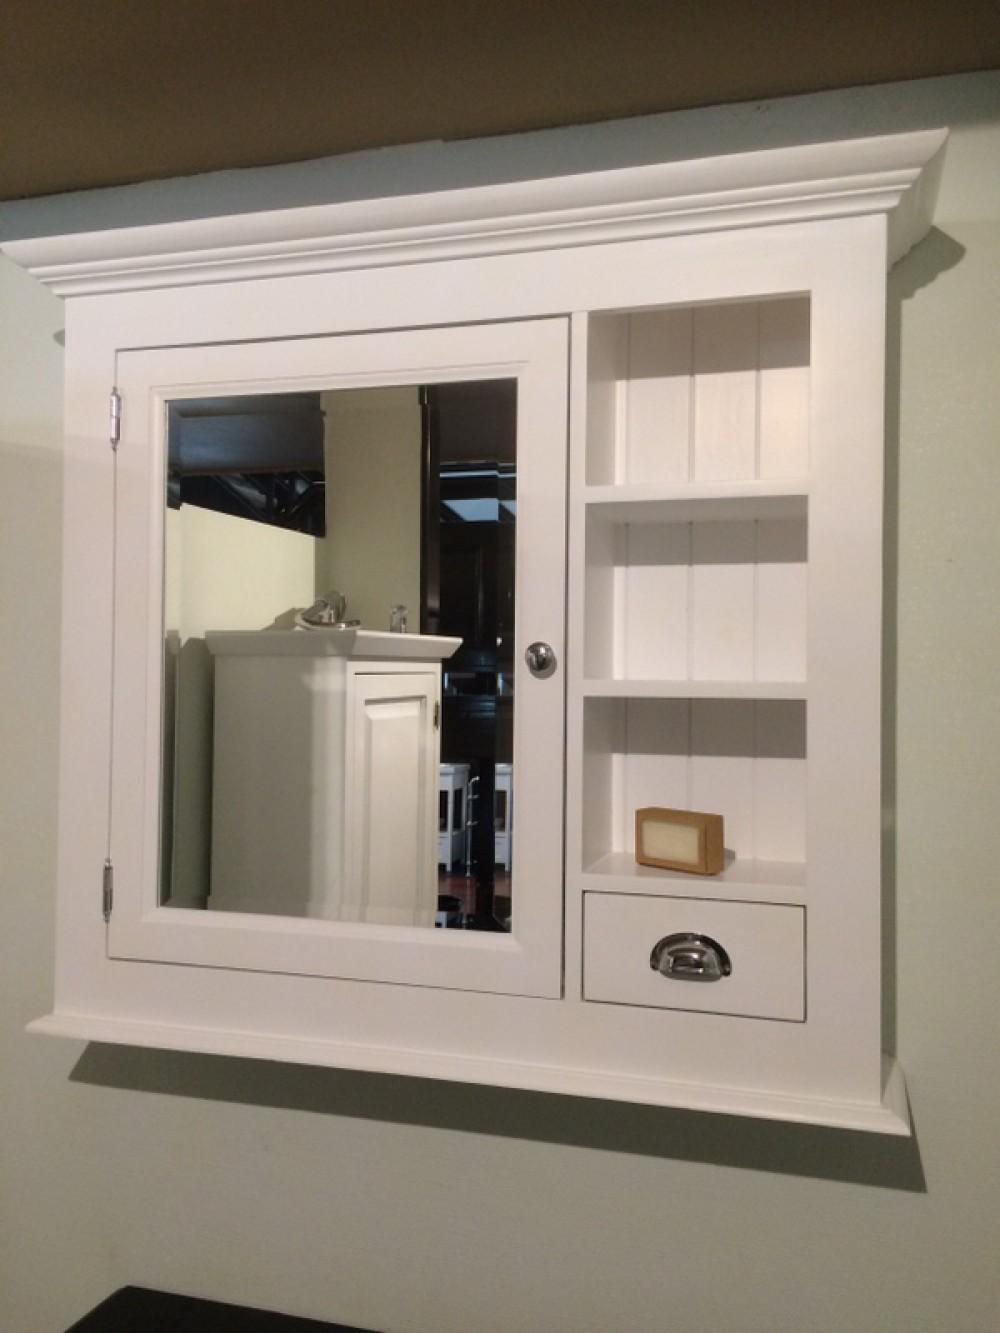 Spiegelschrank Weiß Landhausstil Spiegel Weiß Landhaus Breite 98 Cm